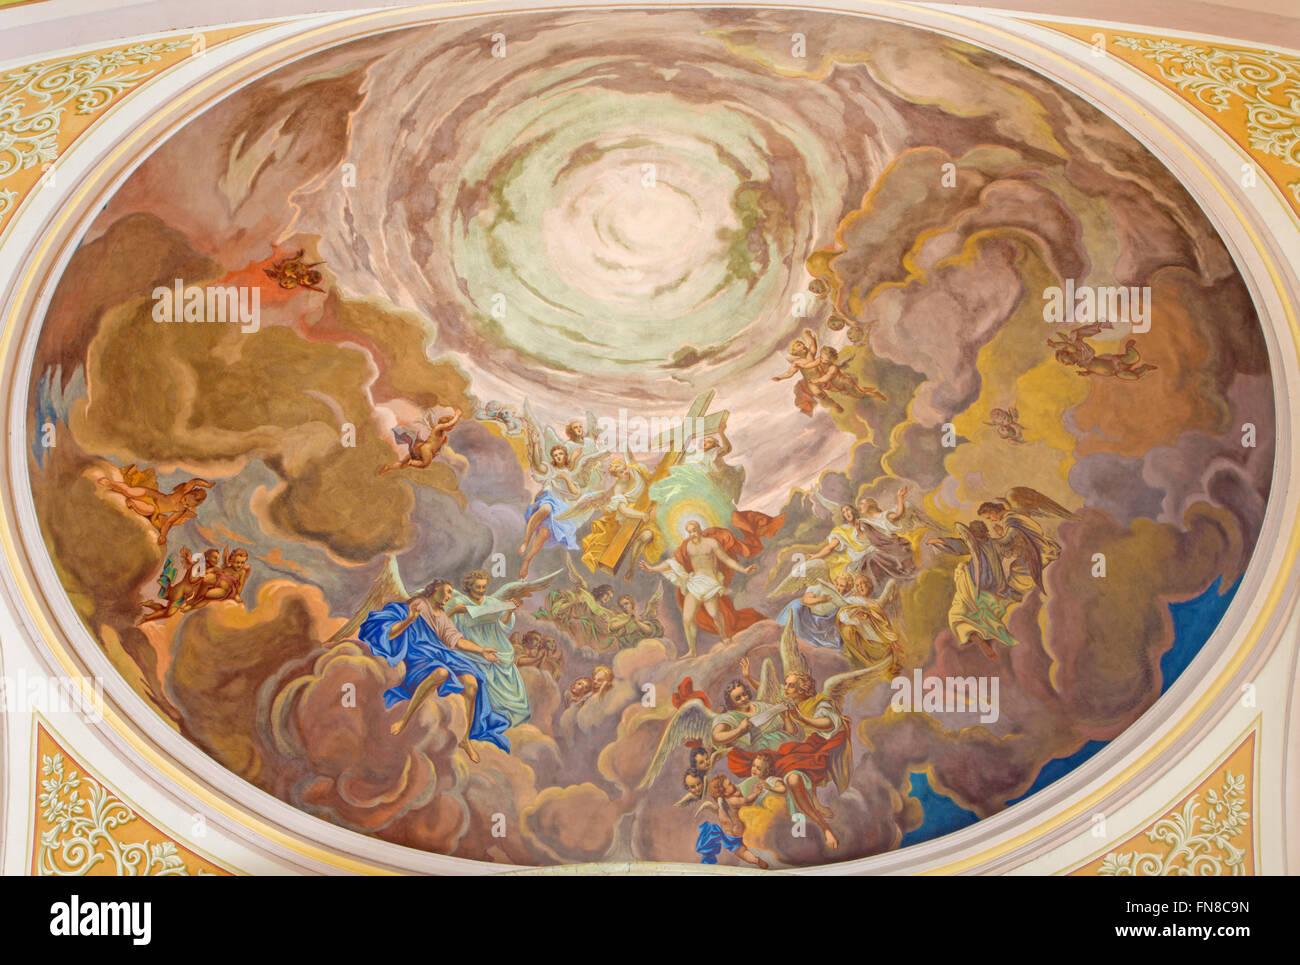 BANSKA Stiavnica, Slovaquie - 5 février, 2015: La fresque du Christ dans la gloire du ciel scène Photo Stock